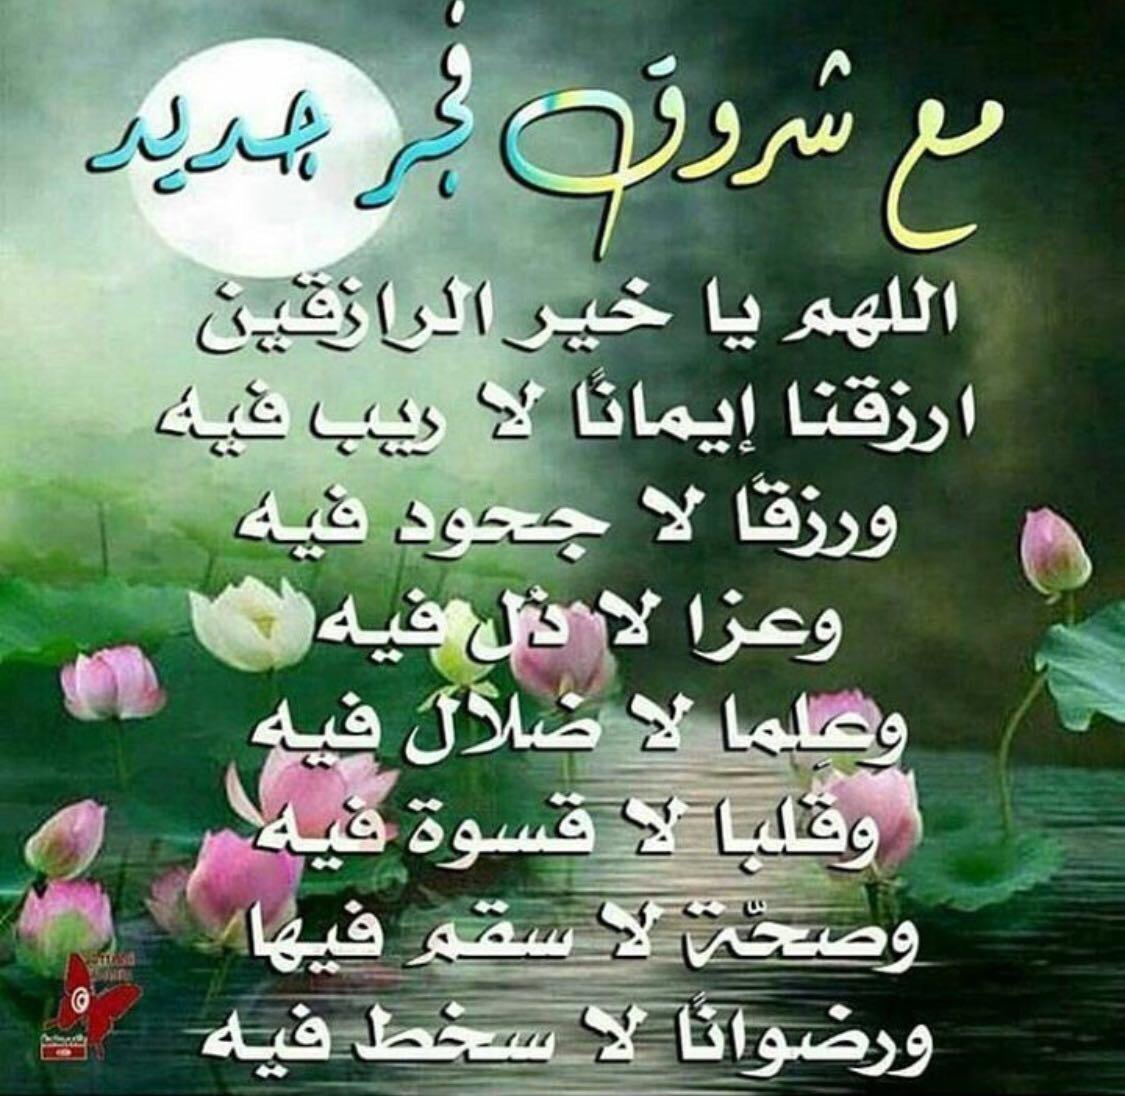 بالصور اجمل ادعية الصباح , اجمل الادعيه تقال عند الصباح 3507